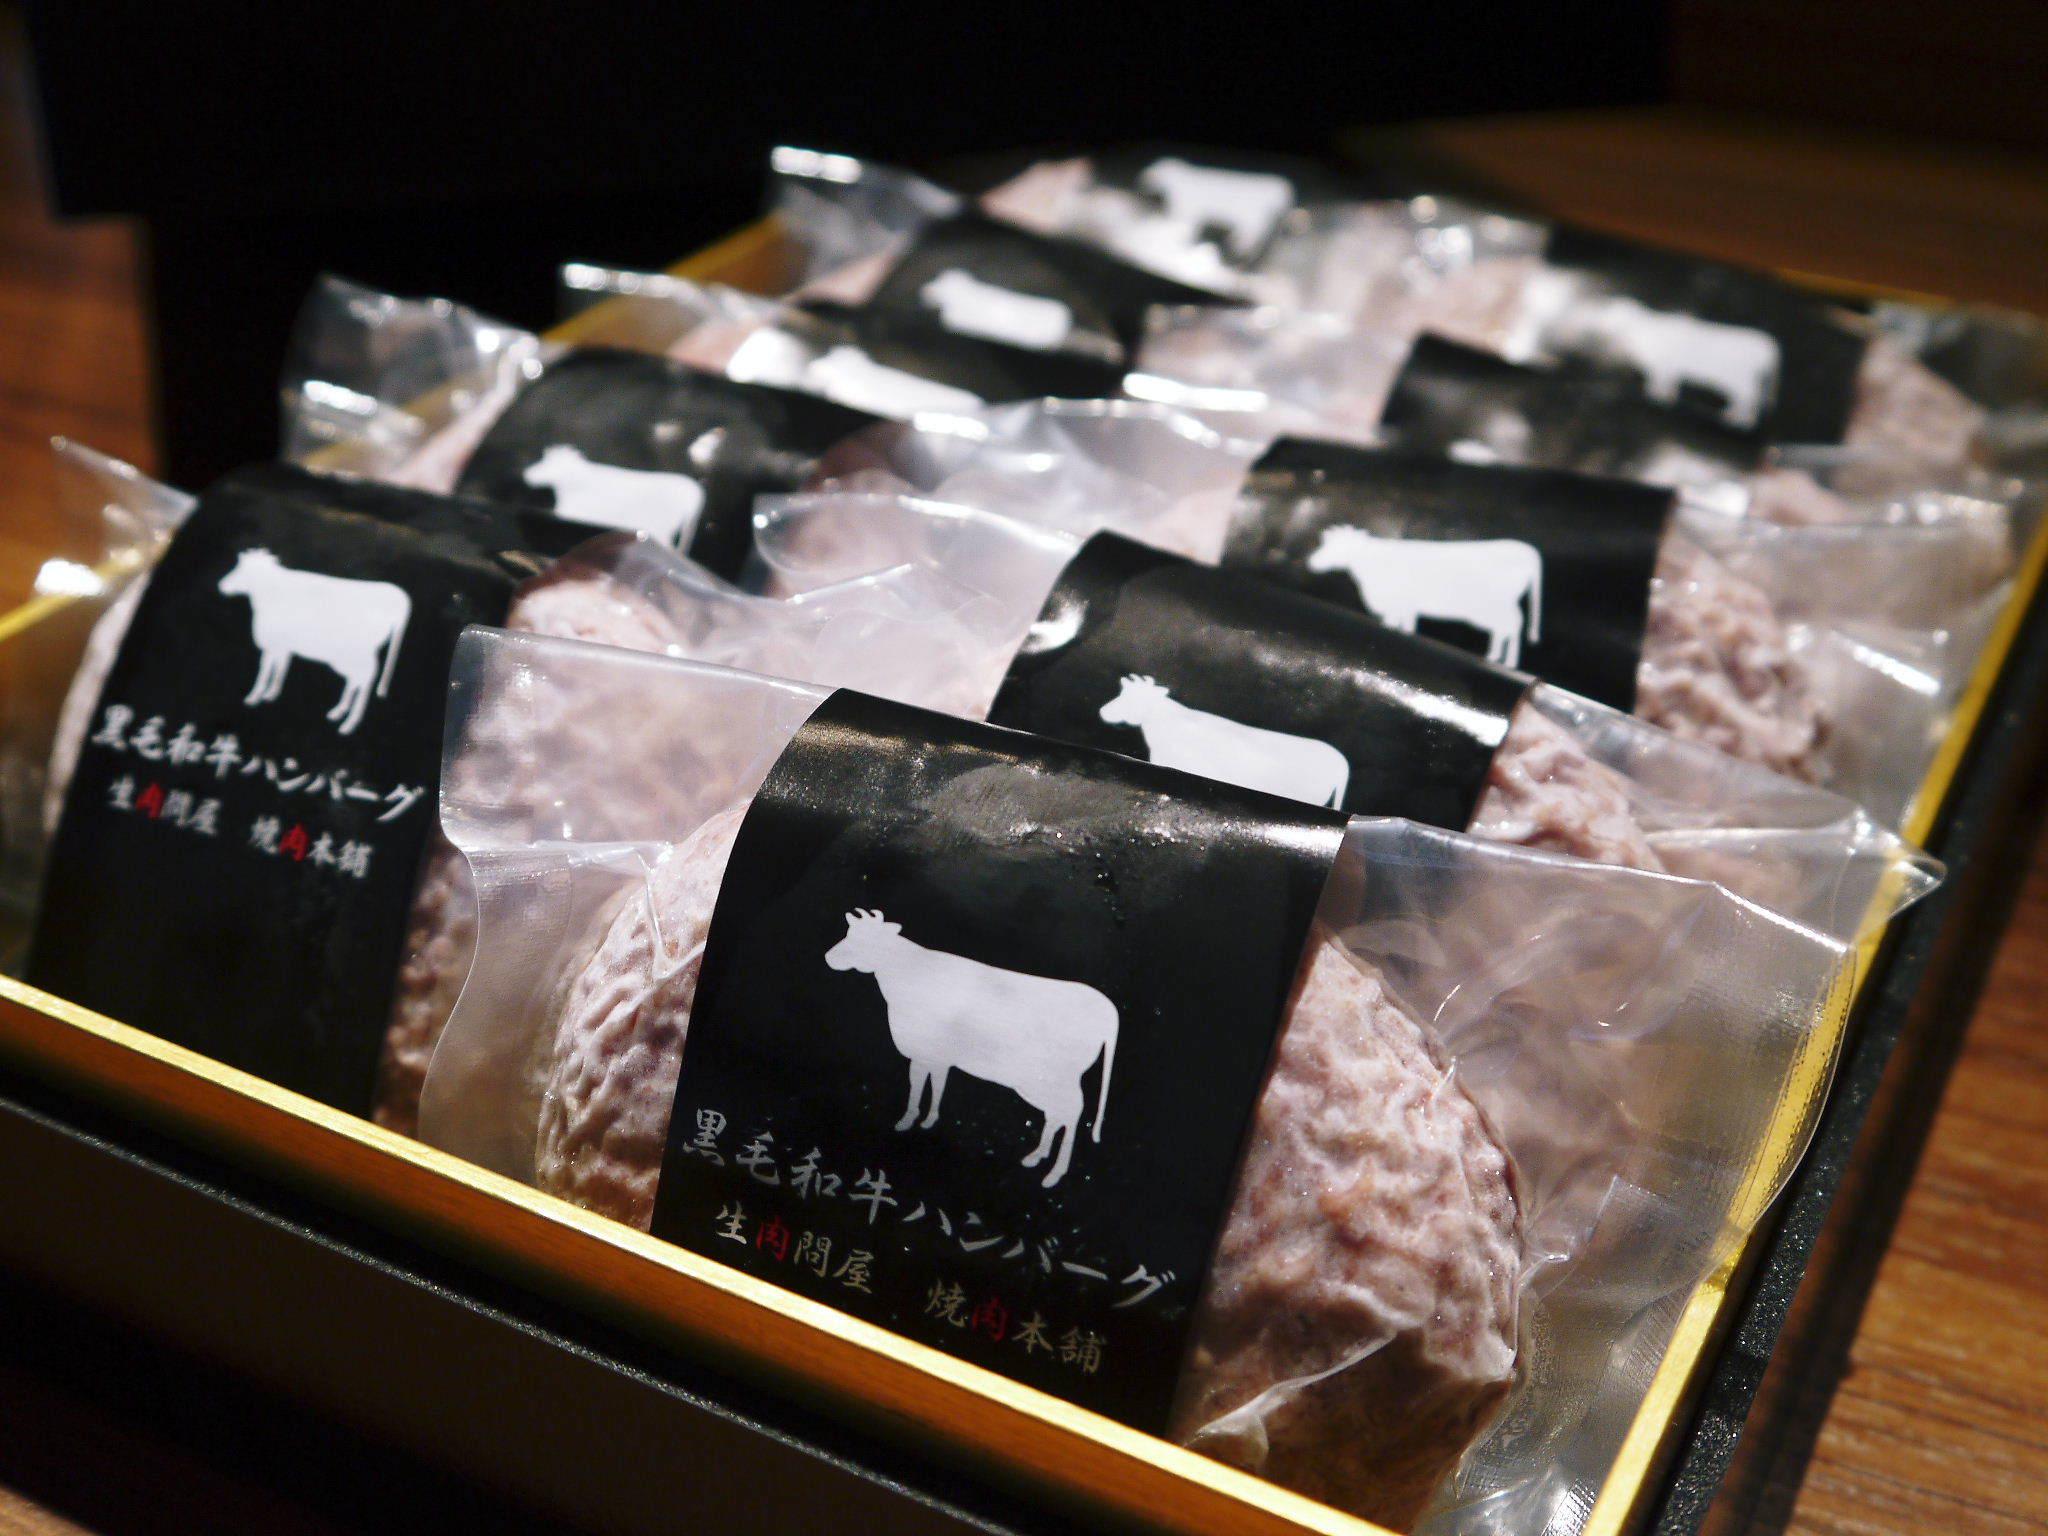 熊本県産の黒毛和牛100%のハンバーグステーキ!令和3年1月度の出荷をしました!2月度分予約受付中!_a0254656_16475564.jpg